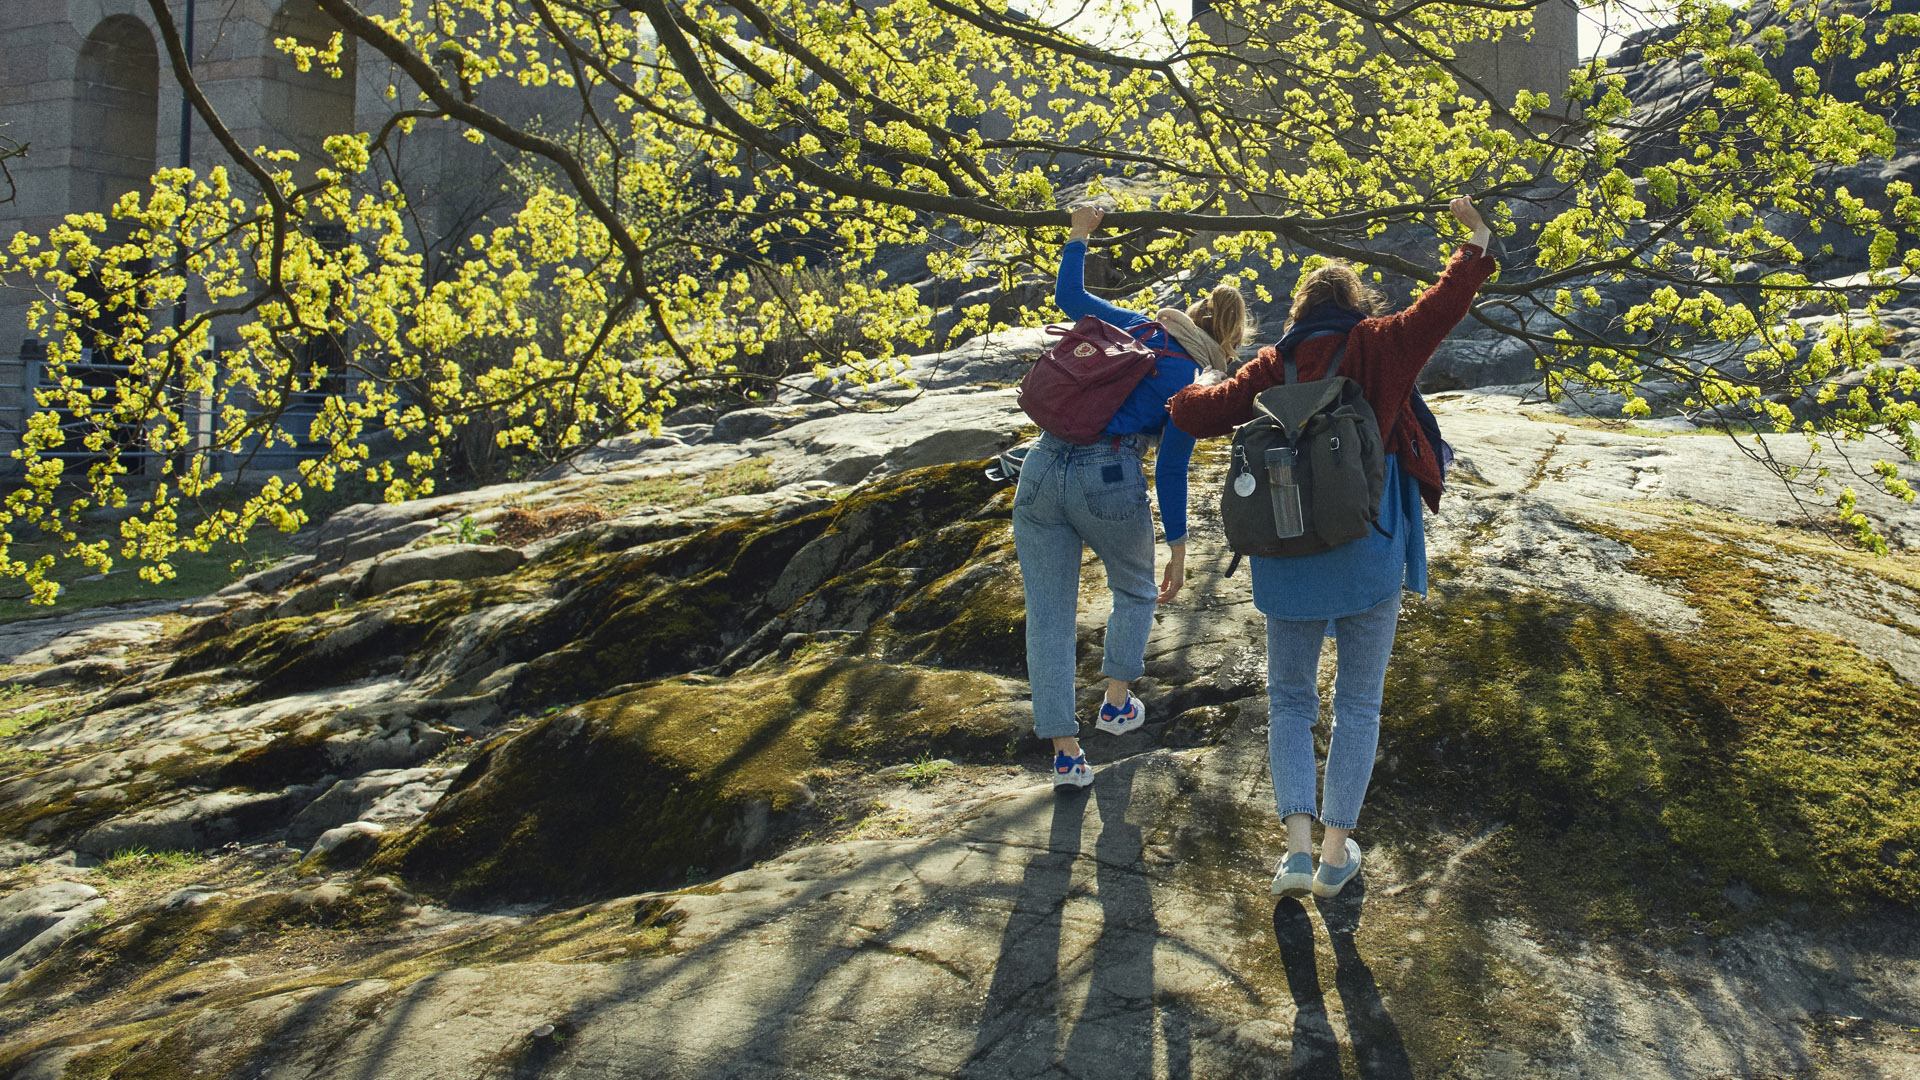 Kaksi reppuselkäistä ihmistä kiipeämässä kalliolla.